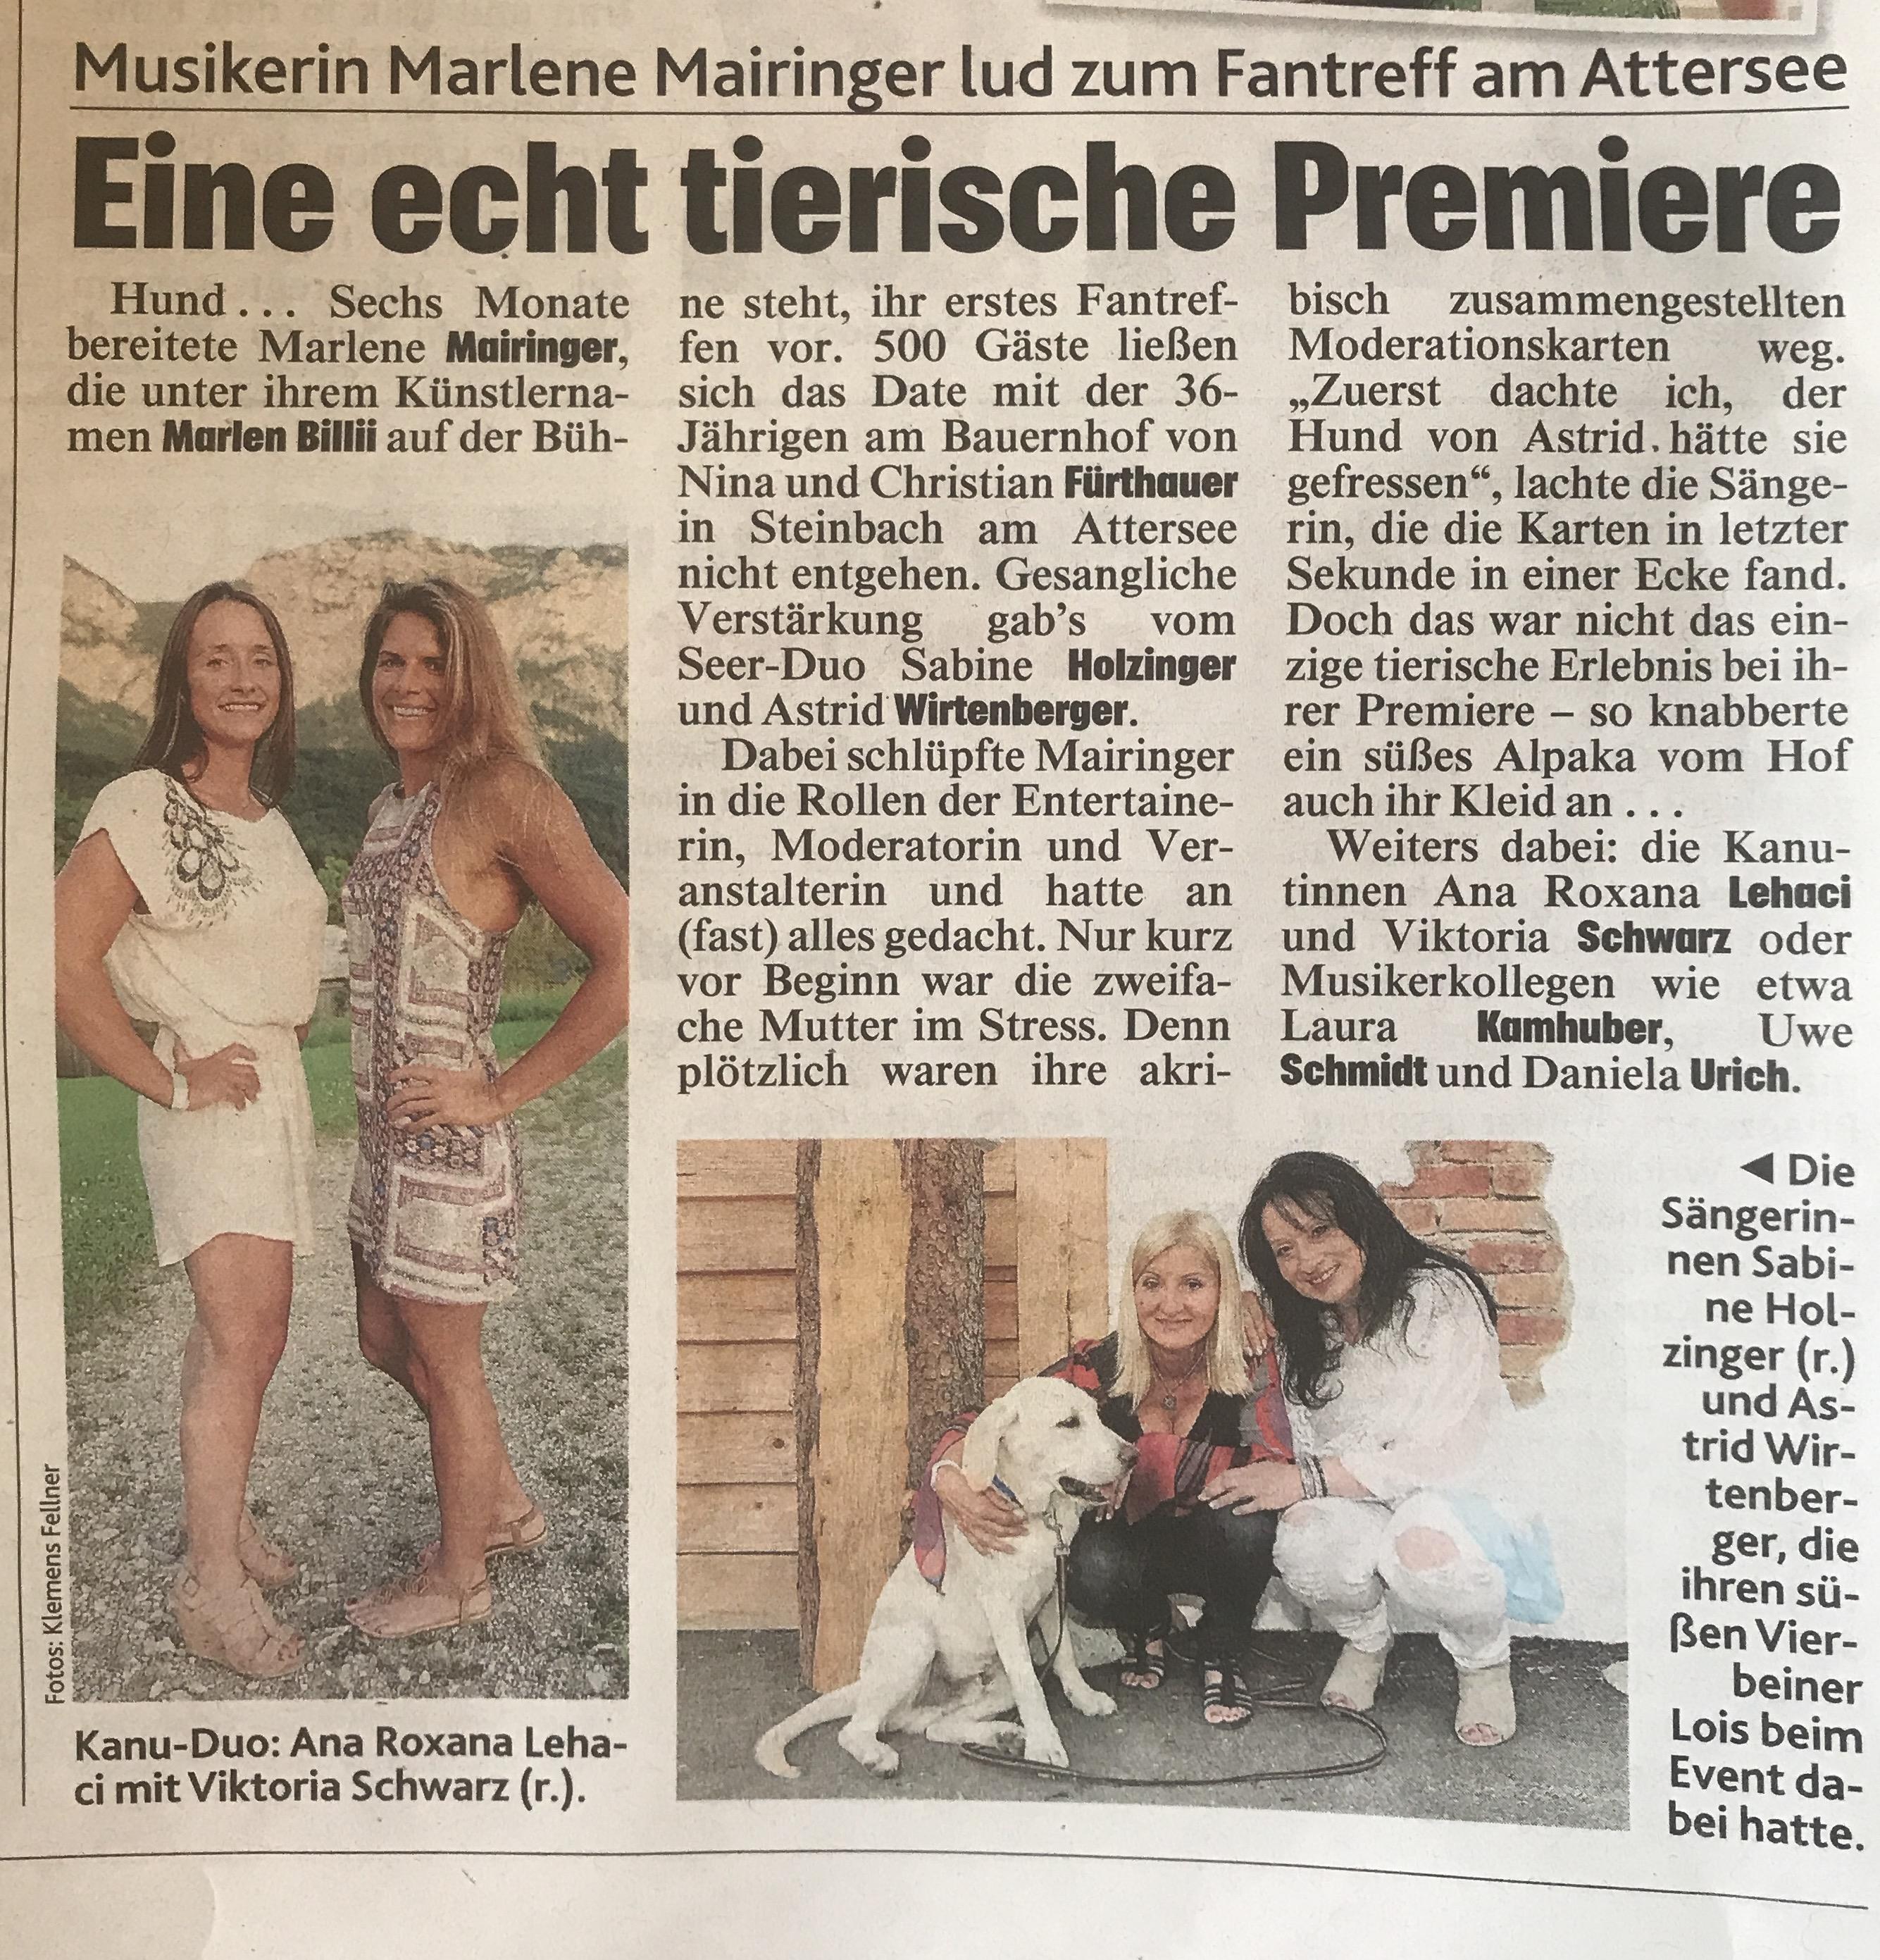 Eine echt tierische Premiere am Feldbauernhof / Attersee